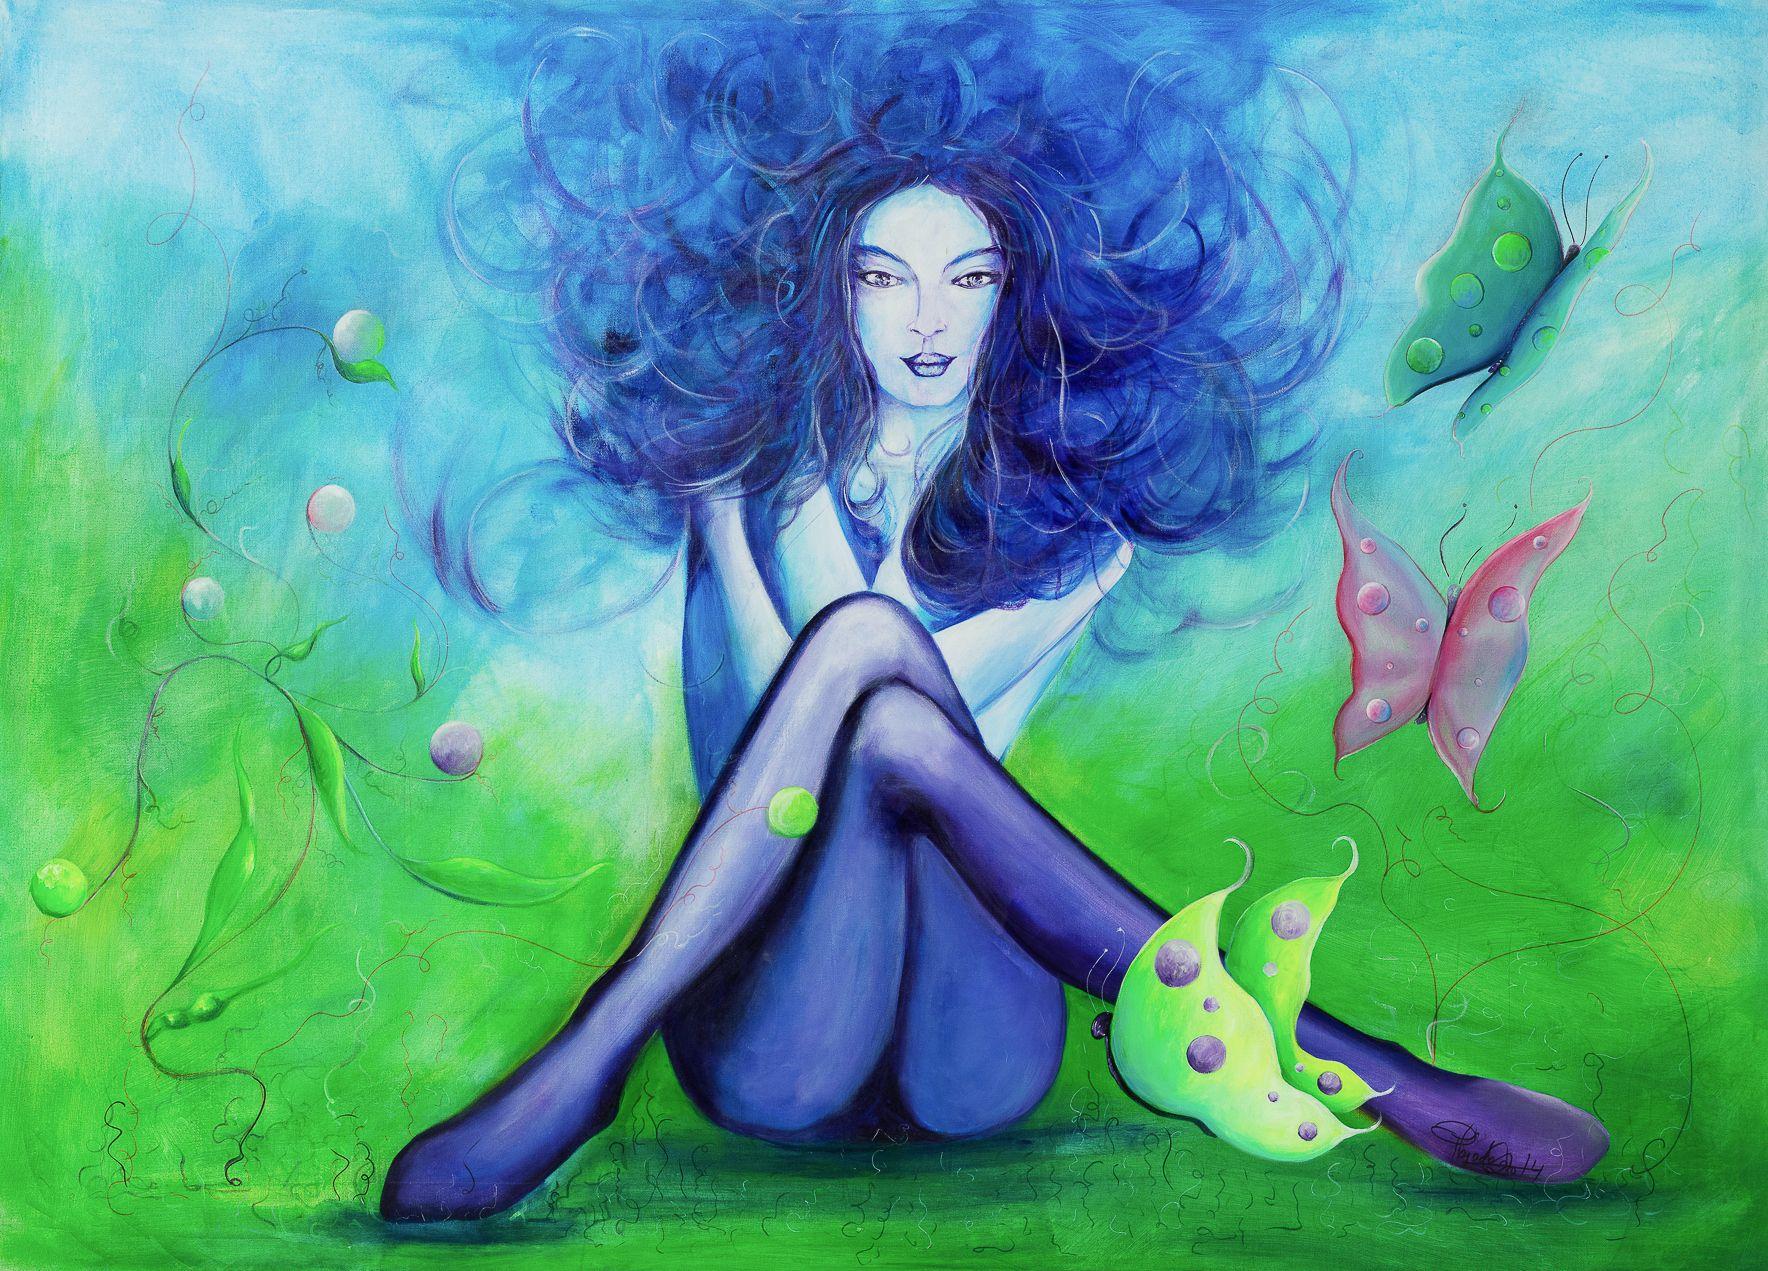 Viento de ilusiones | Illusion wind | Acrílico sobre lienzo | Acrylic on canvas by Pili Tejedo 140 x 95 cm